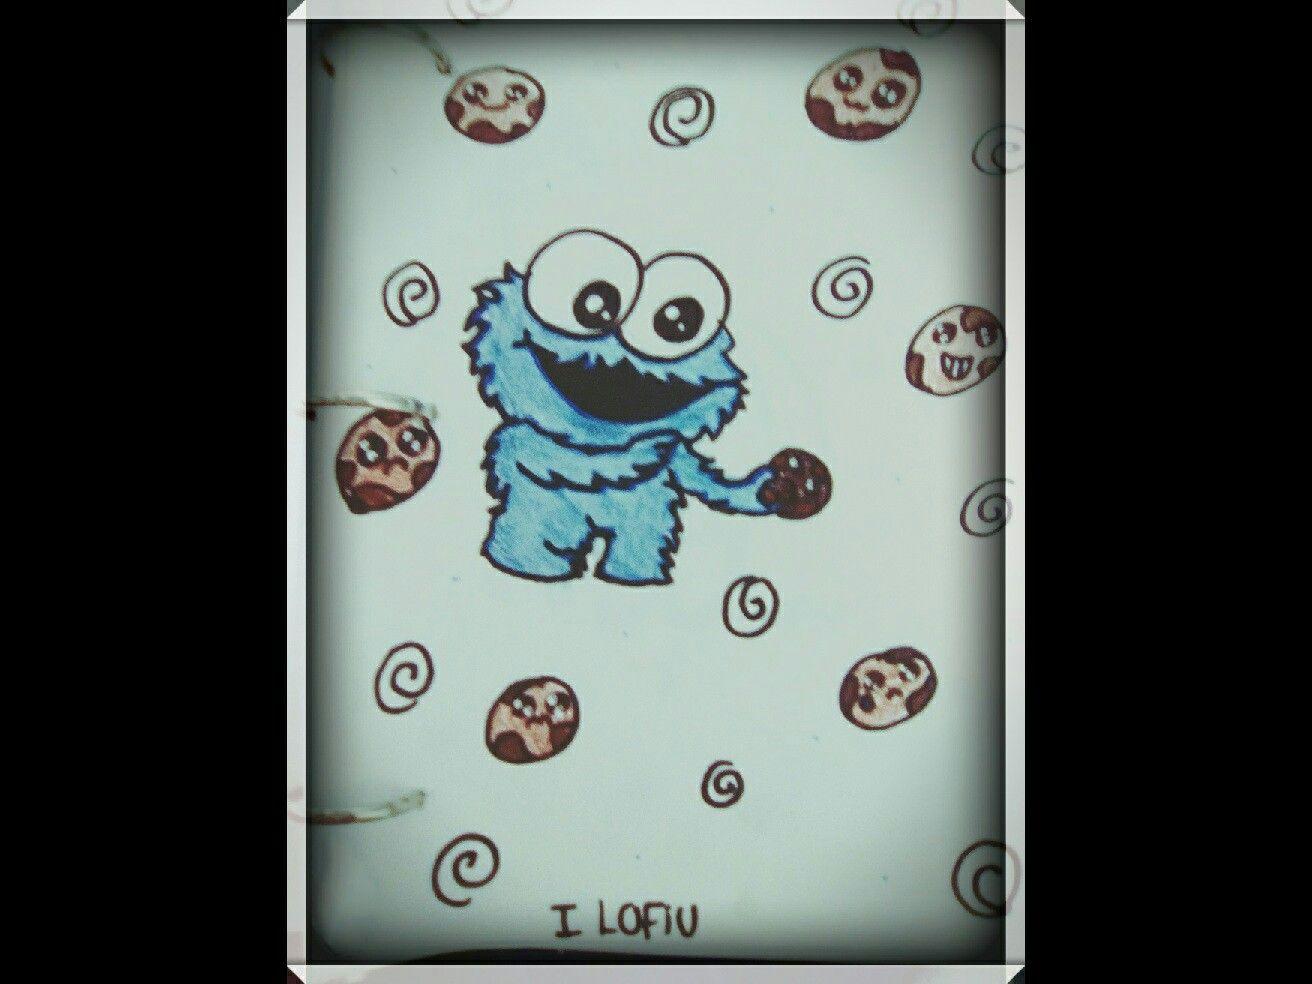 !galletas! by: i lofiu